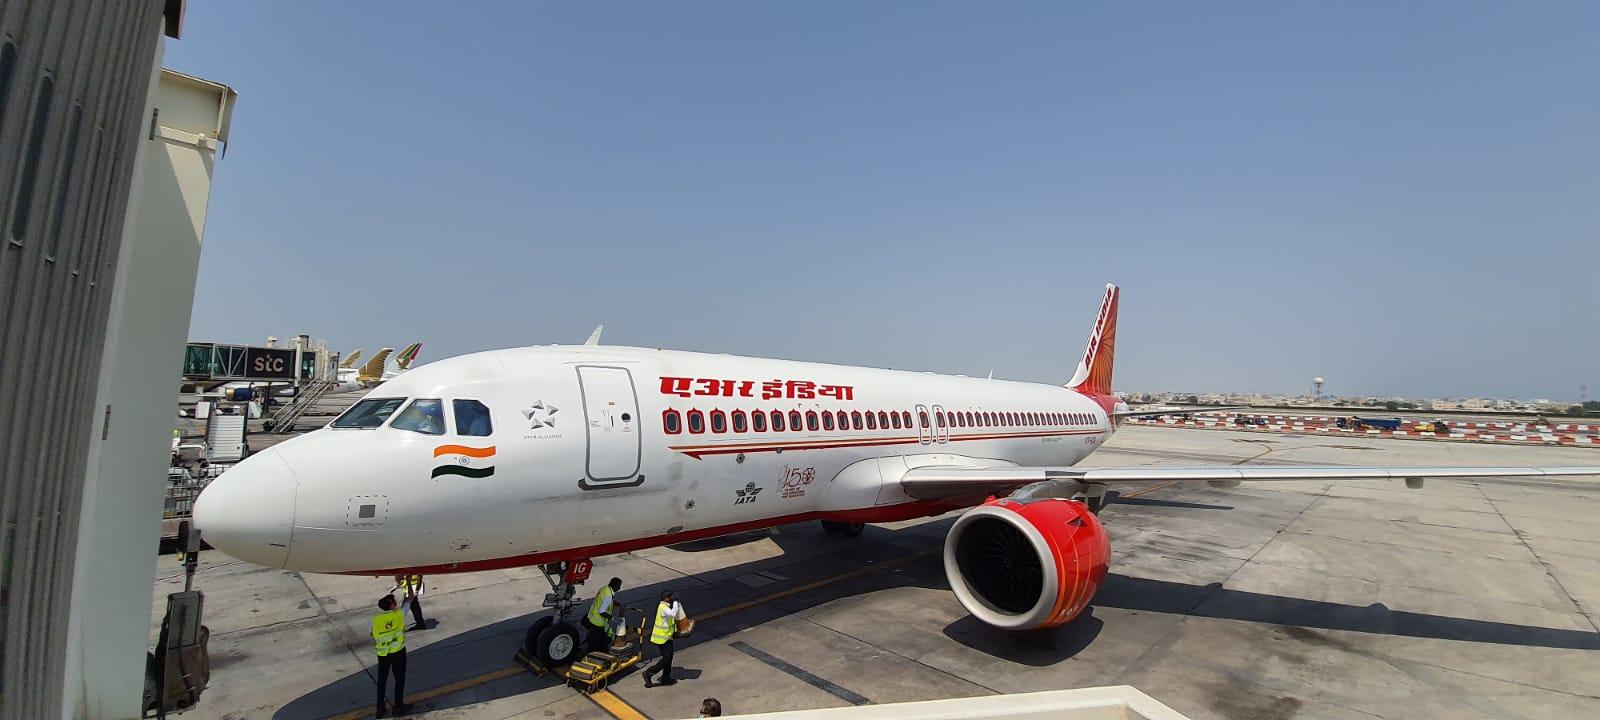 एयर इंडिया की इंटरनेशनल फ्लाइट्स